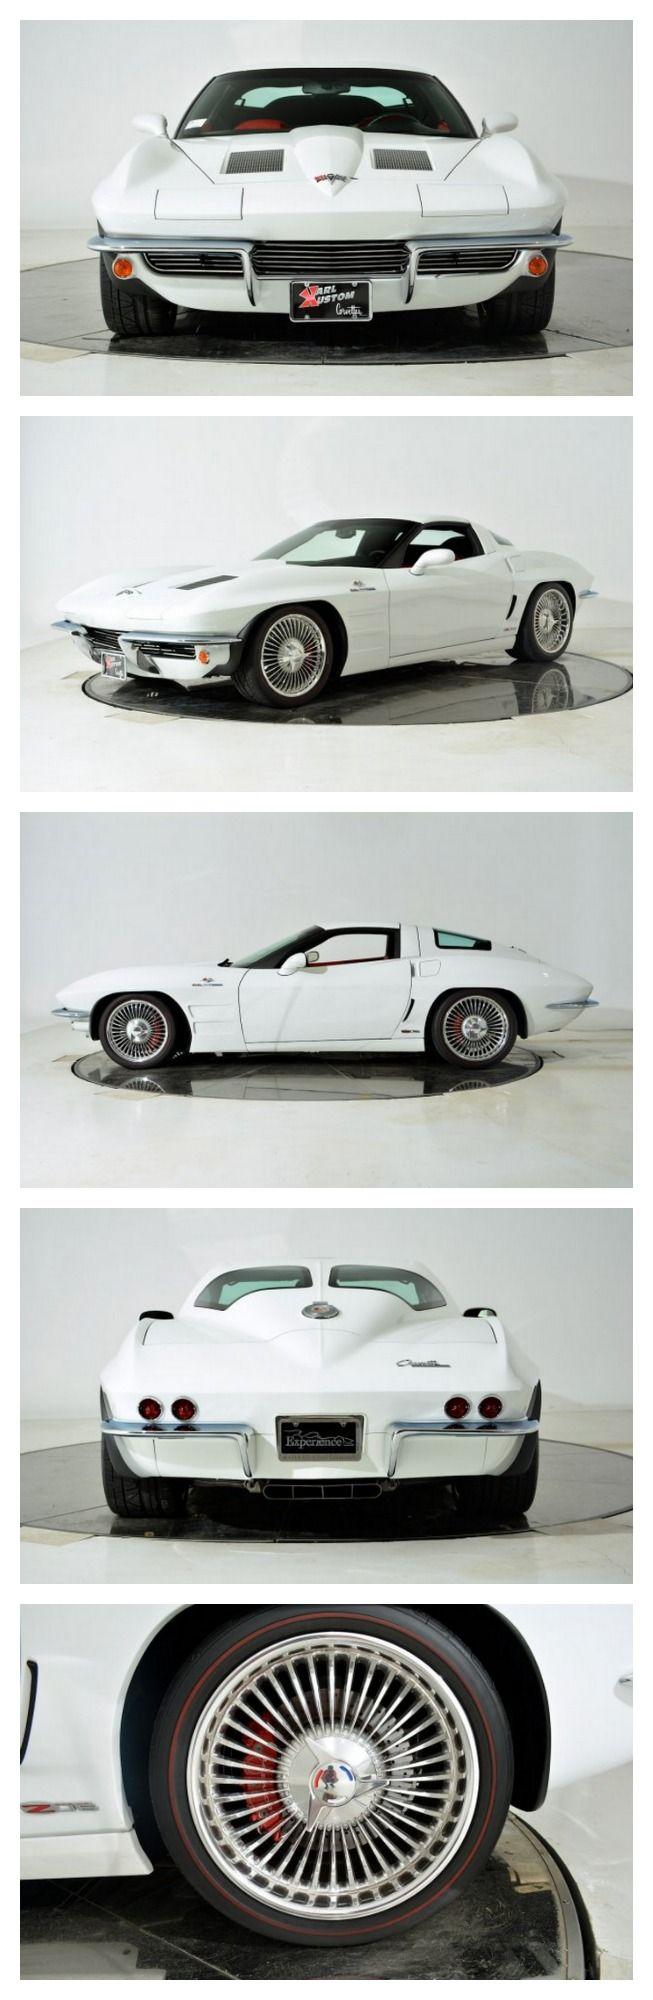 Breathtaking Chevrolet Corvette Z06 by Karl Kustom Corvette and Lingenfelter Performance Engineering #MusclecarMonday